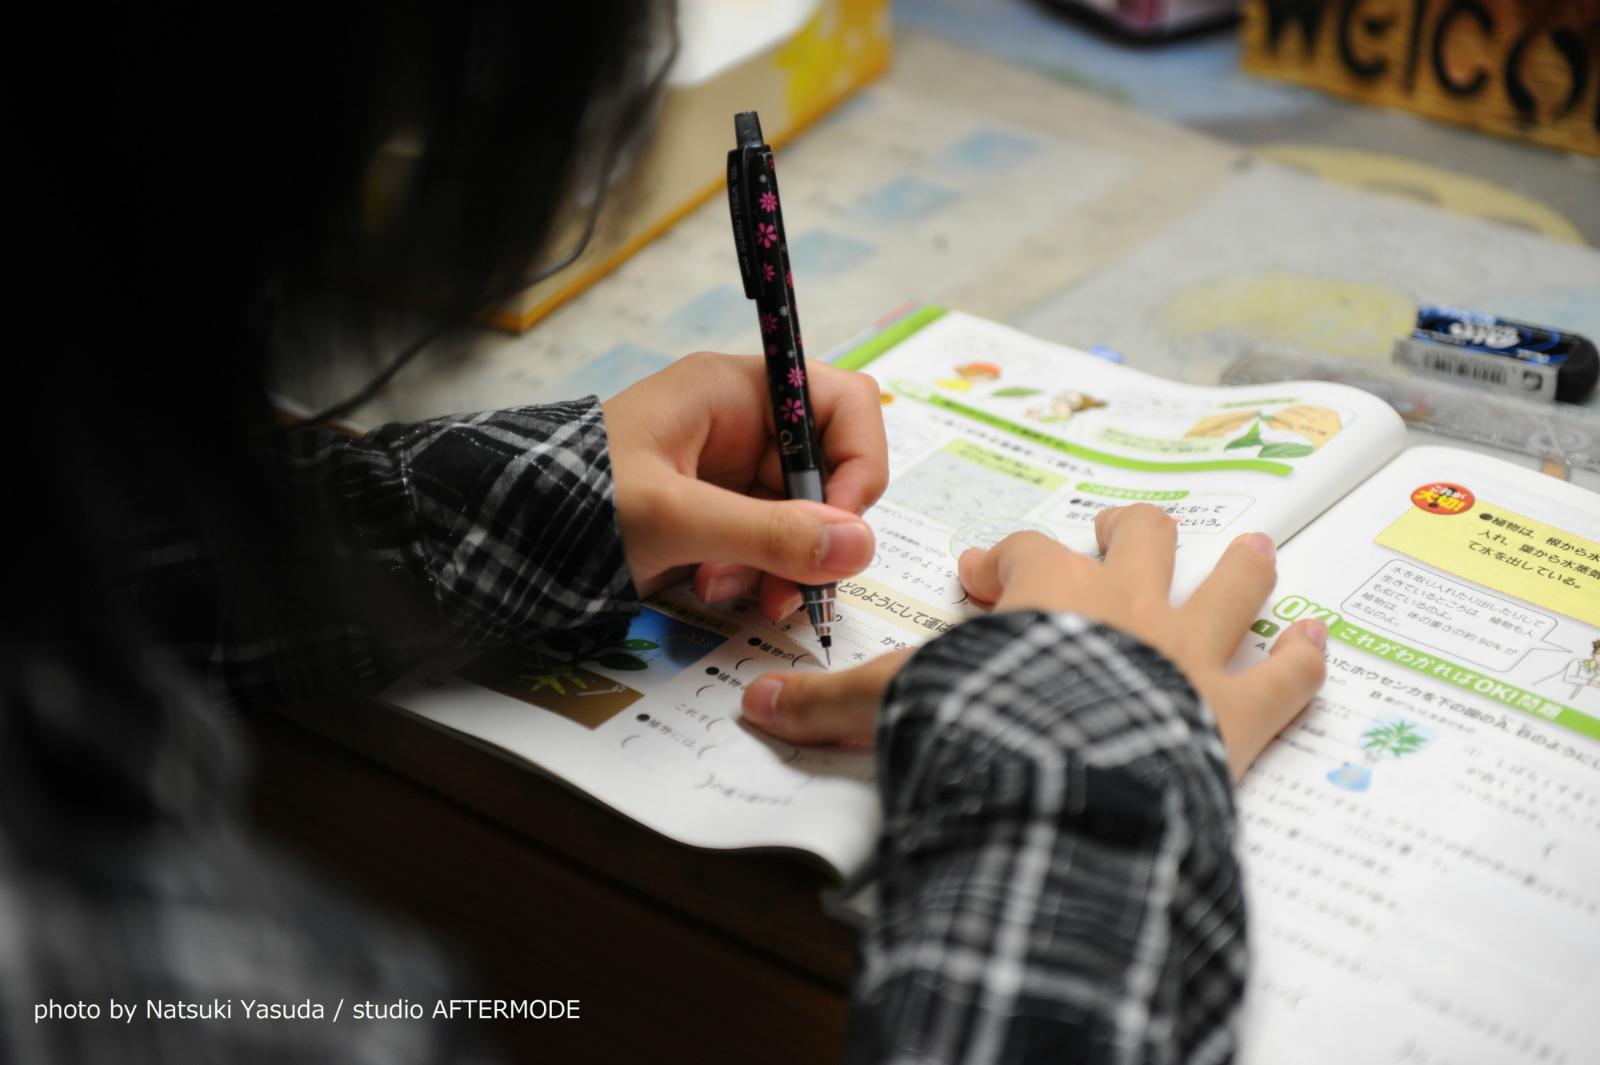 子どもの貧困を「親の自己責任」で片づけるのは悪化の一途-過去最悪と聞いても実感が持てないアナタへ